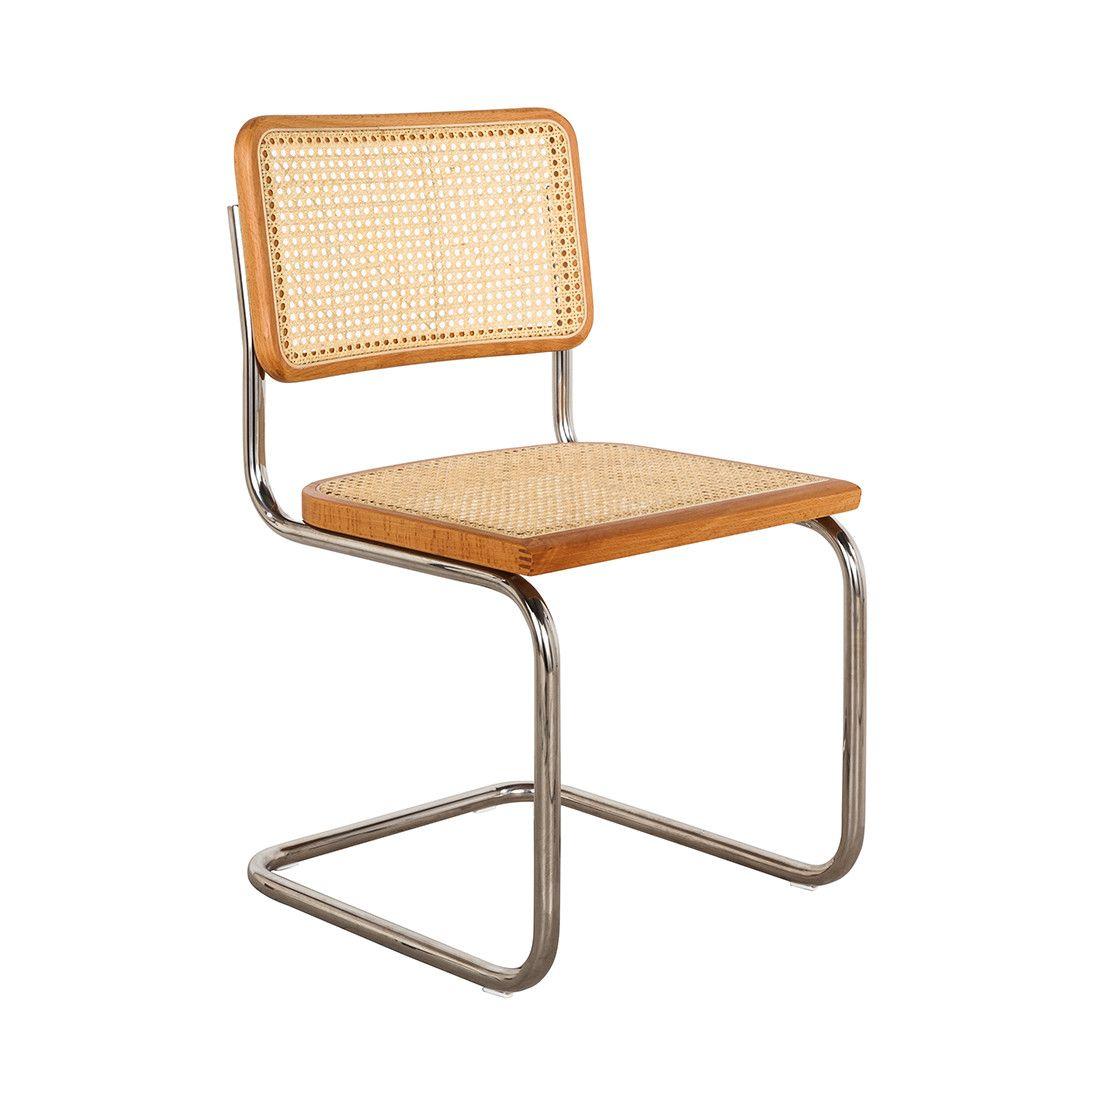 Cesca Side Chair   Armless